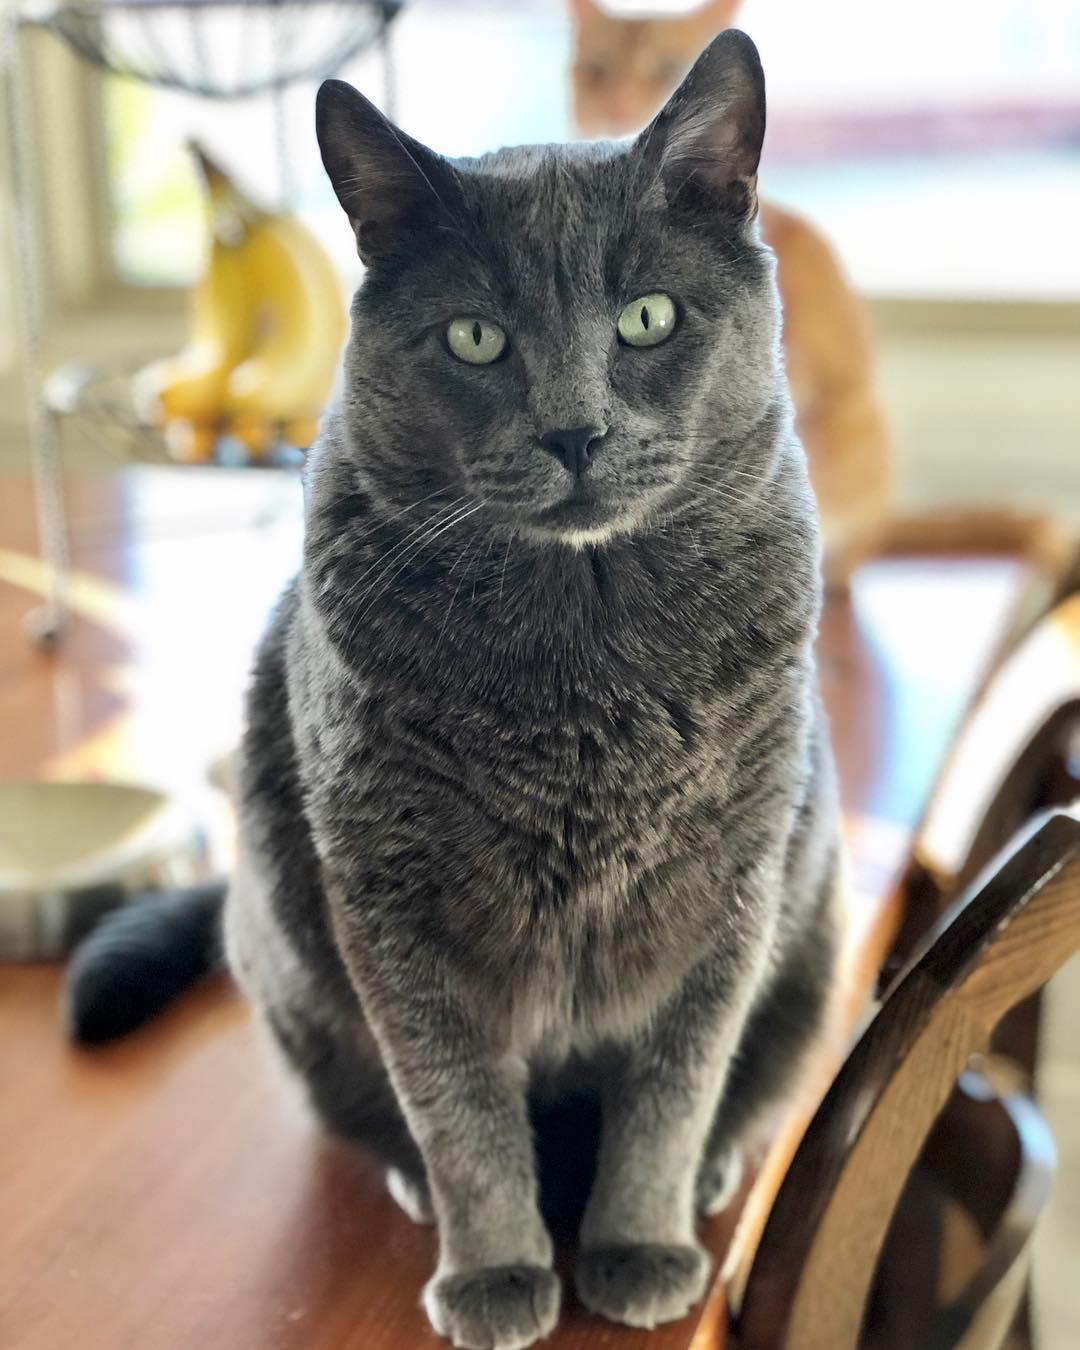 серый кот смотрит на зрителя